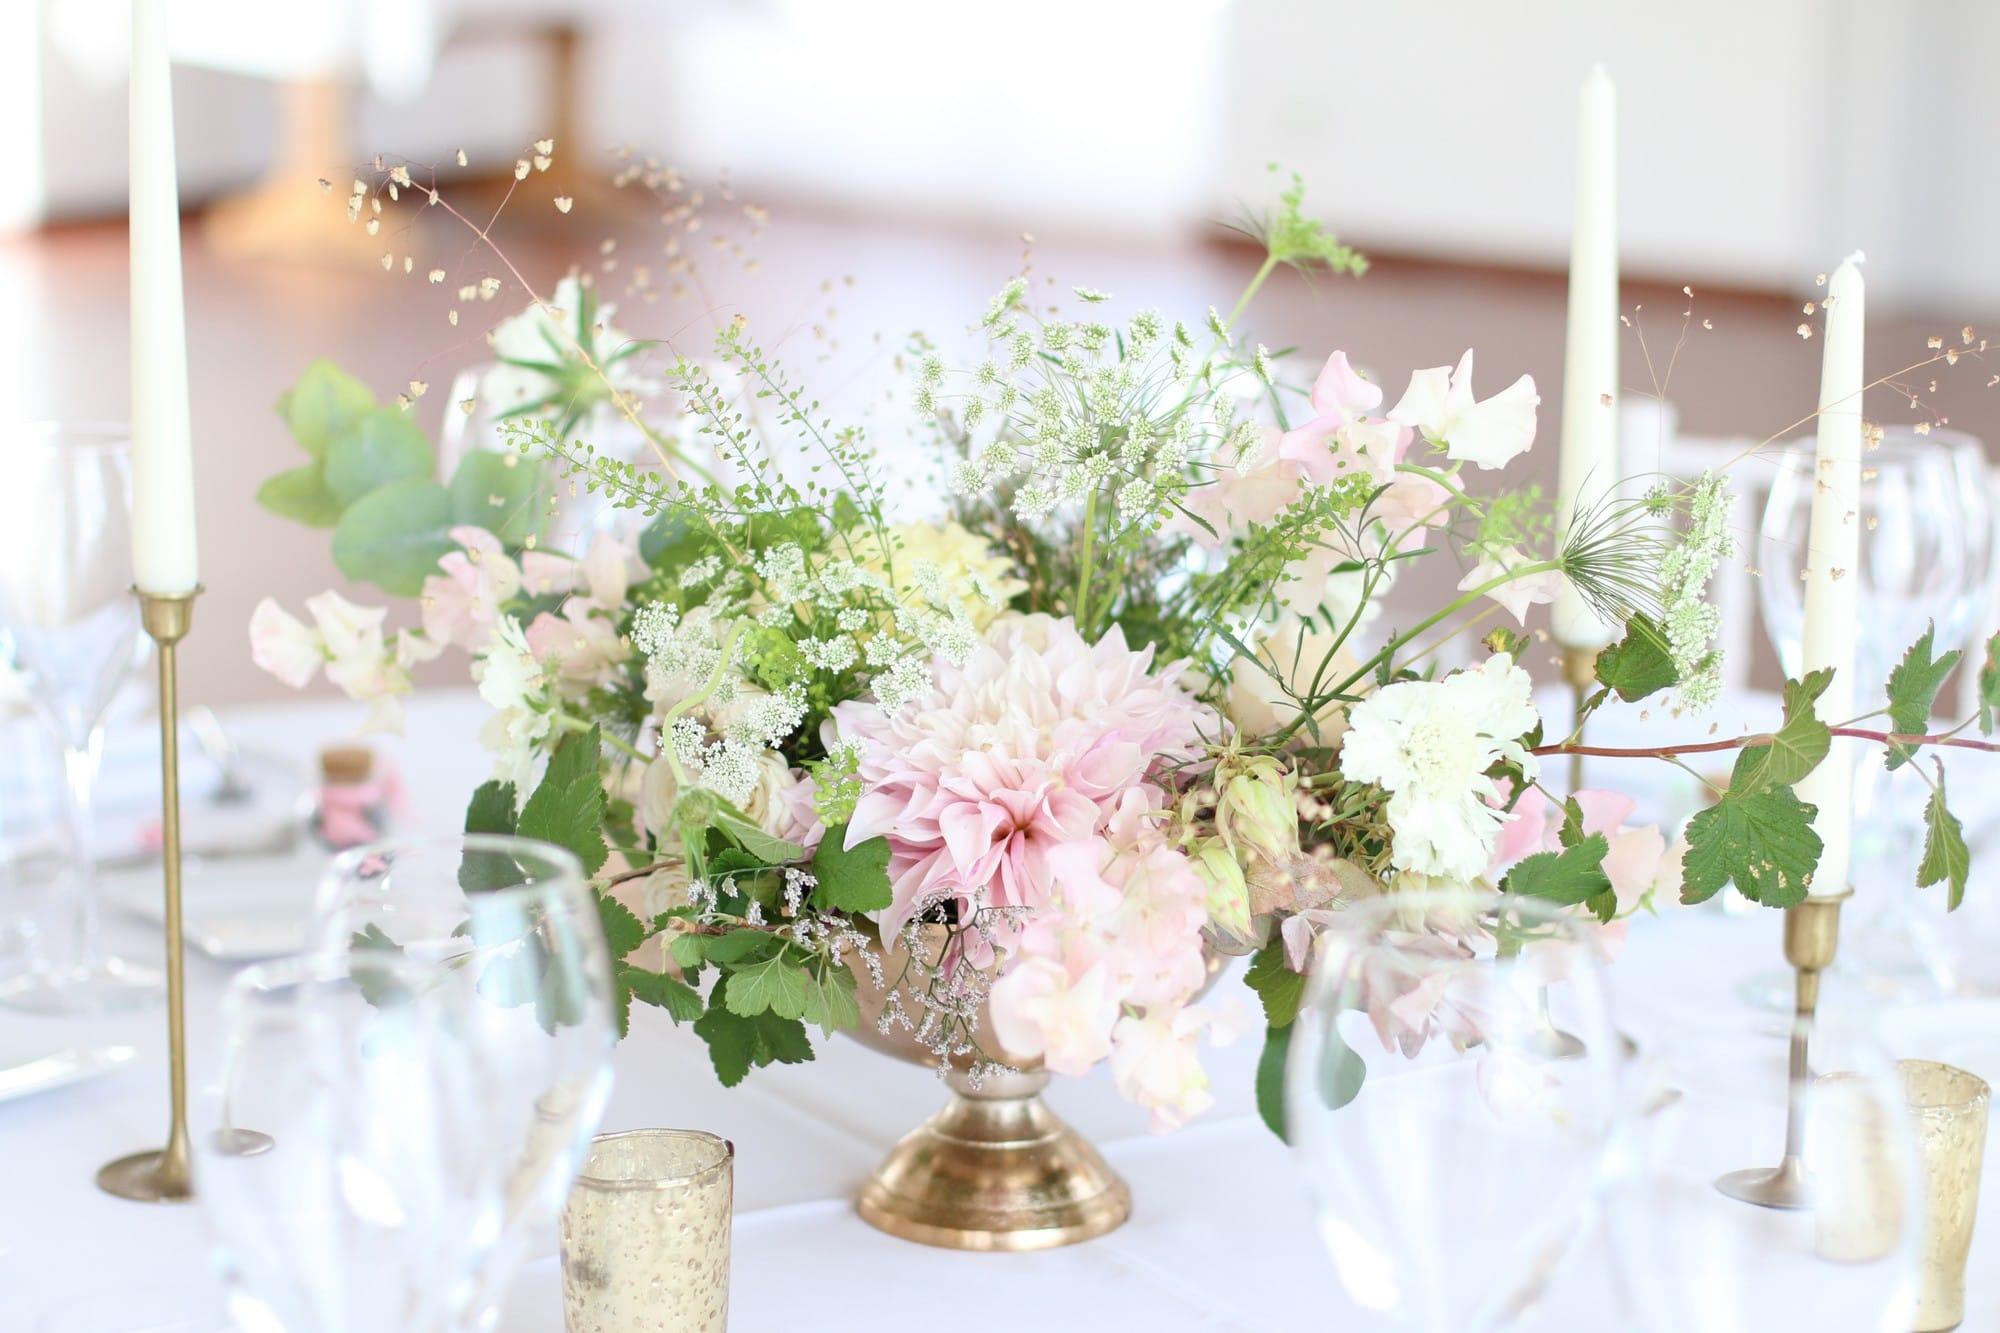 Capucine Atelier Floral - Fleuriste de mariage basée en Alsace - Blog mariage La mariée aux pieds nus